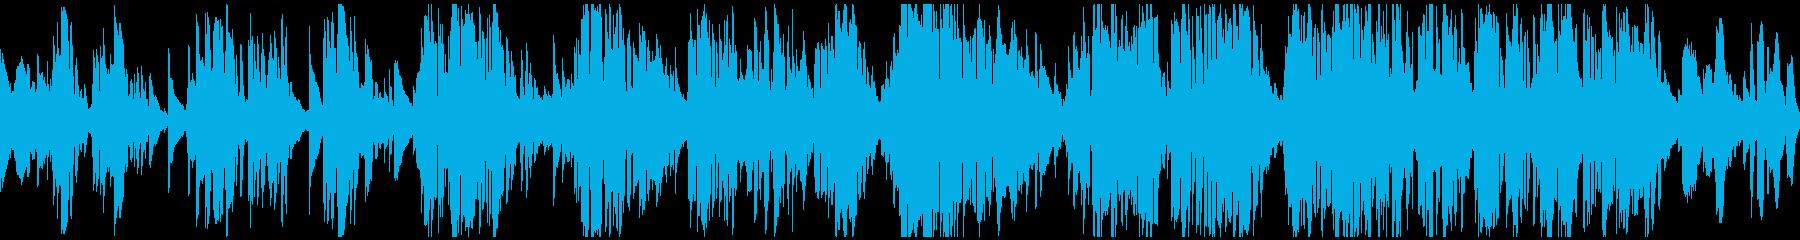 紳士的でダンディな低音バラード※ループ版の再生済みの波形